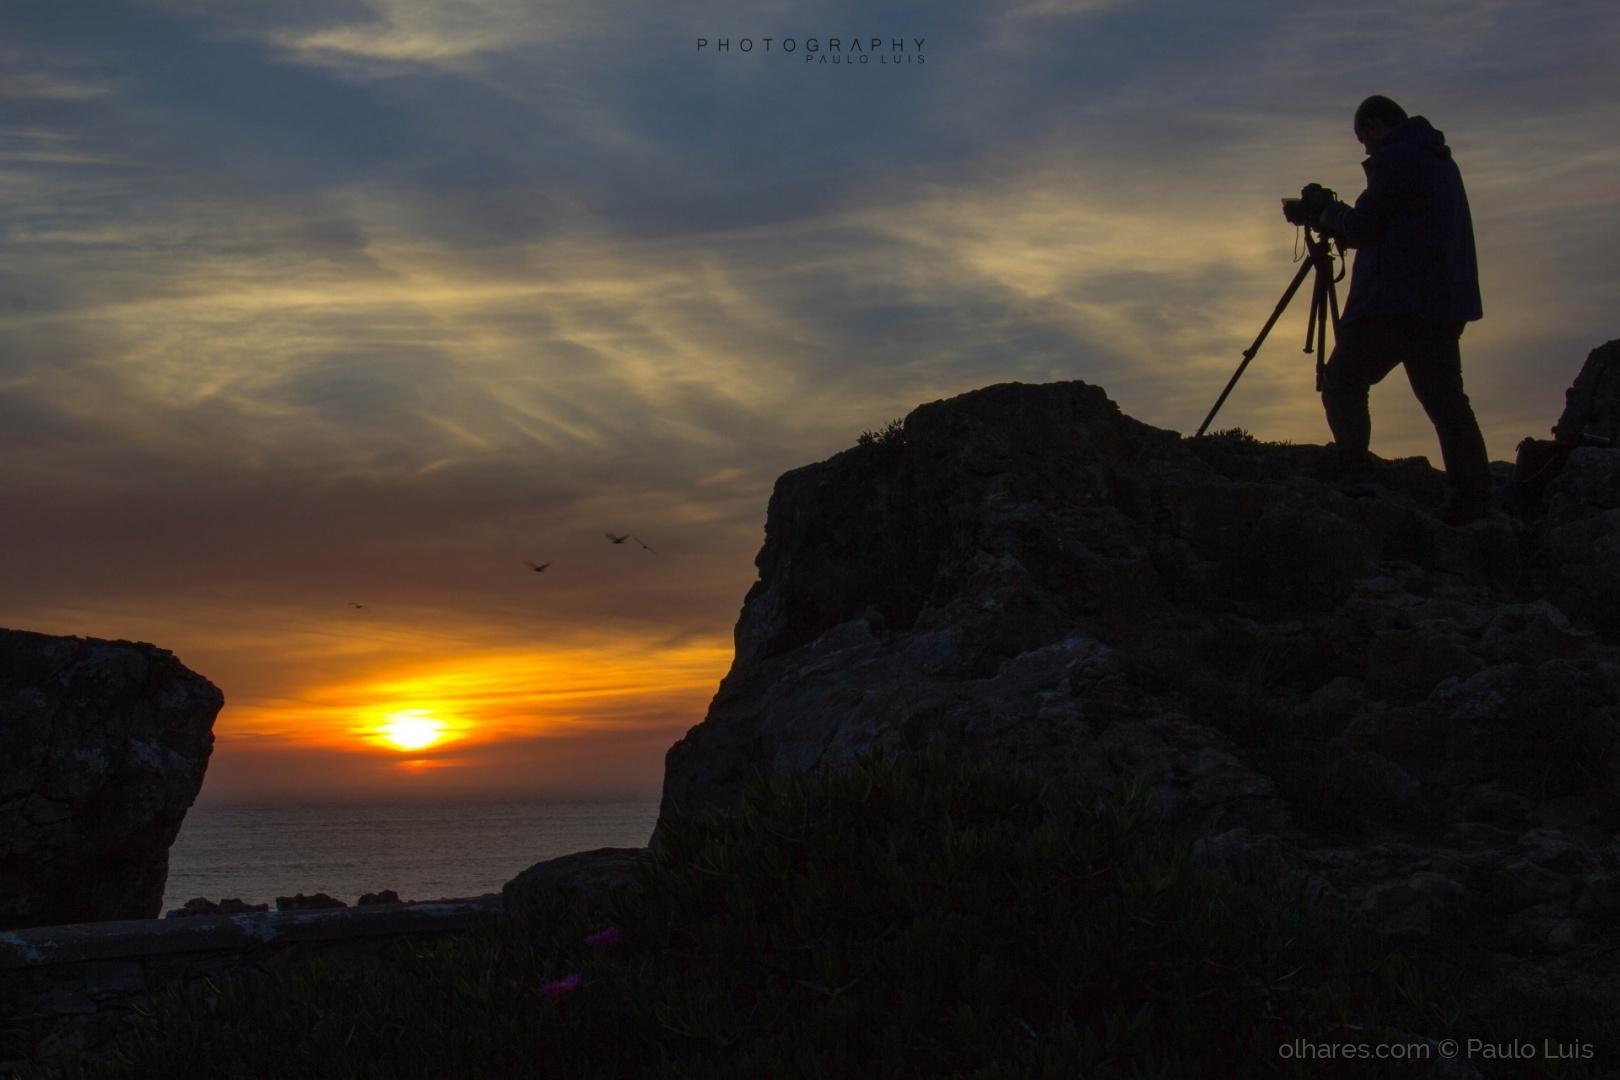 Gentes e Locais/The photographer